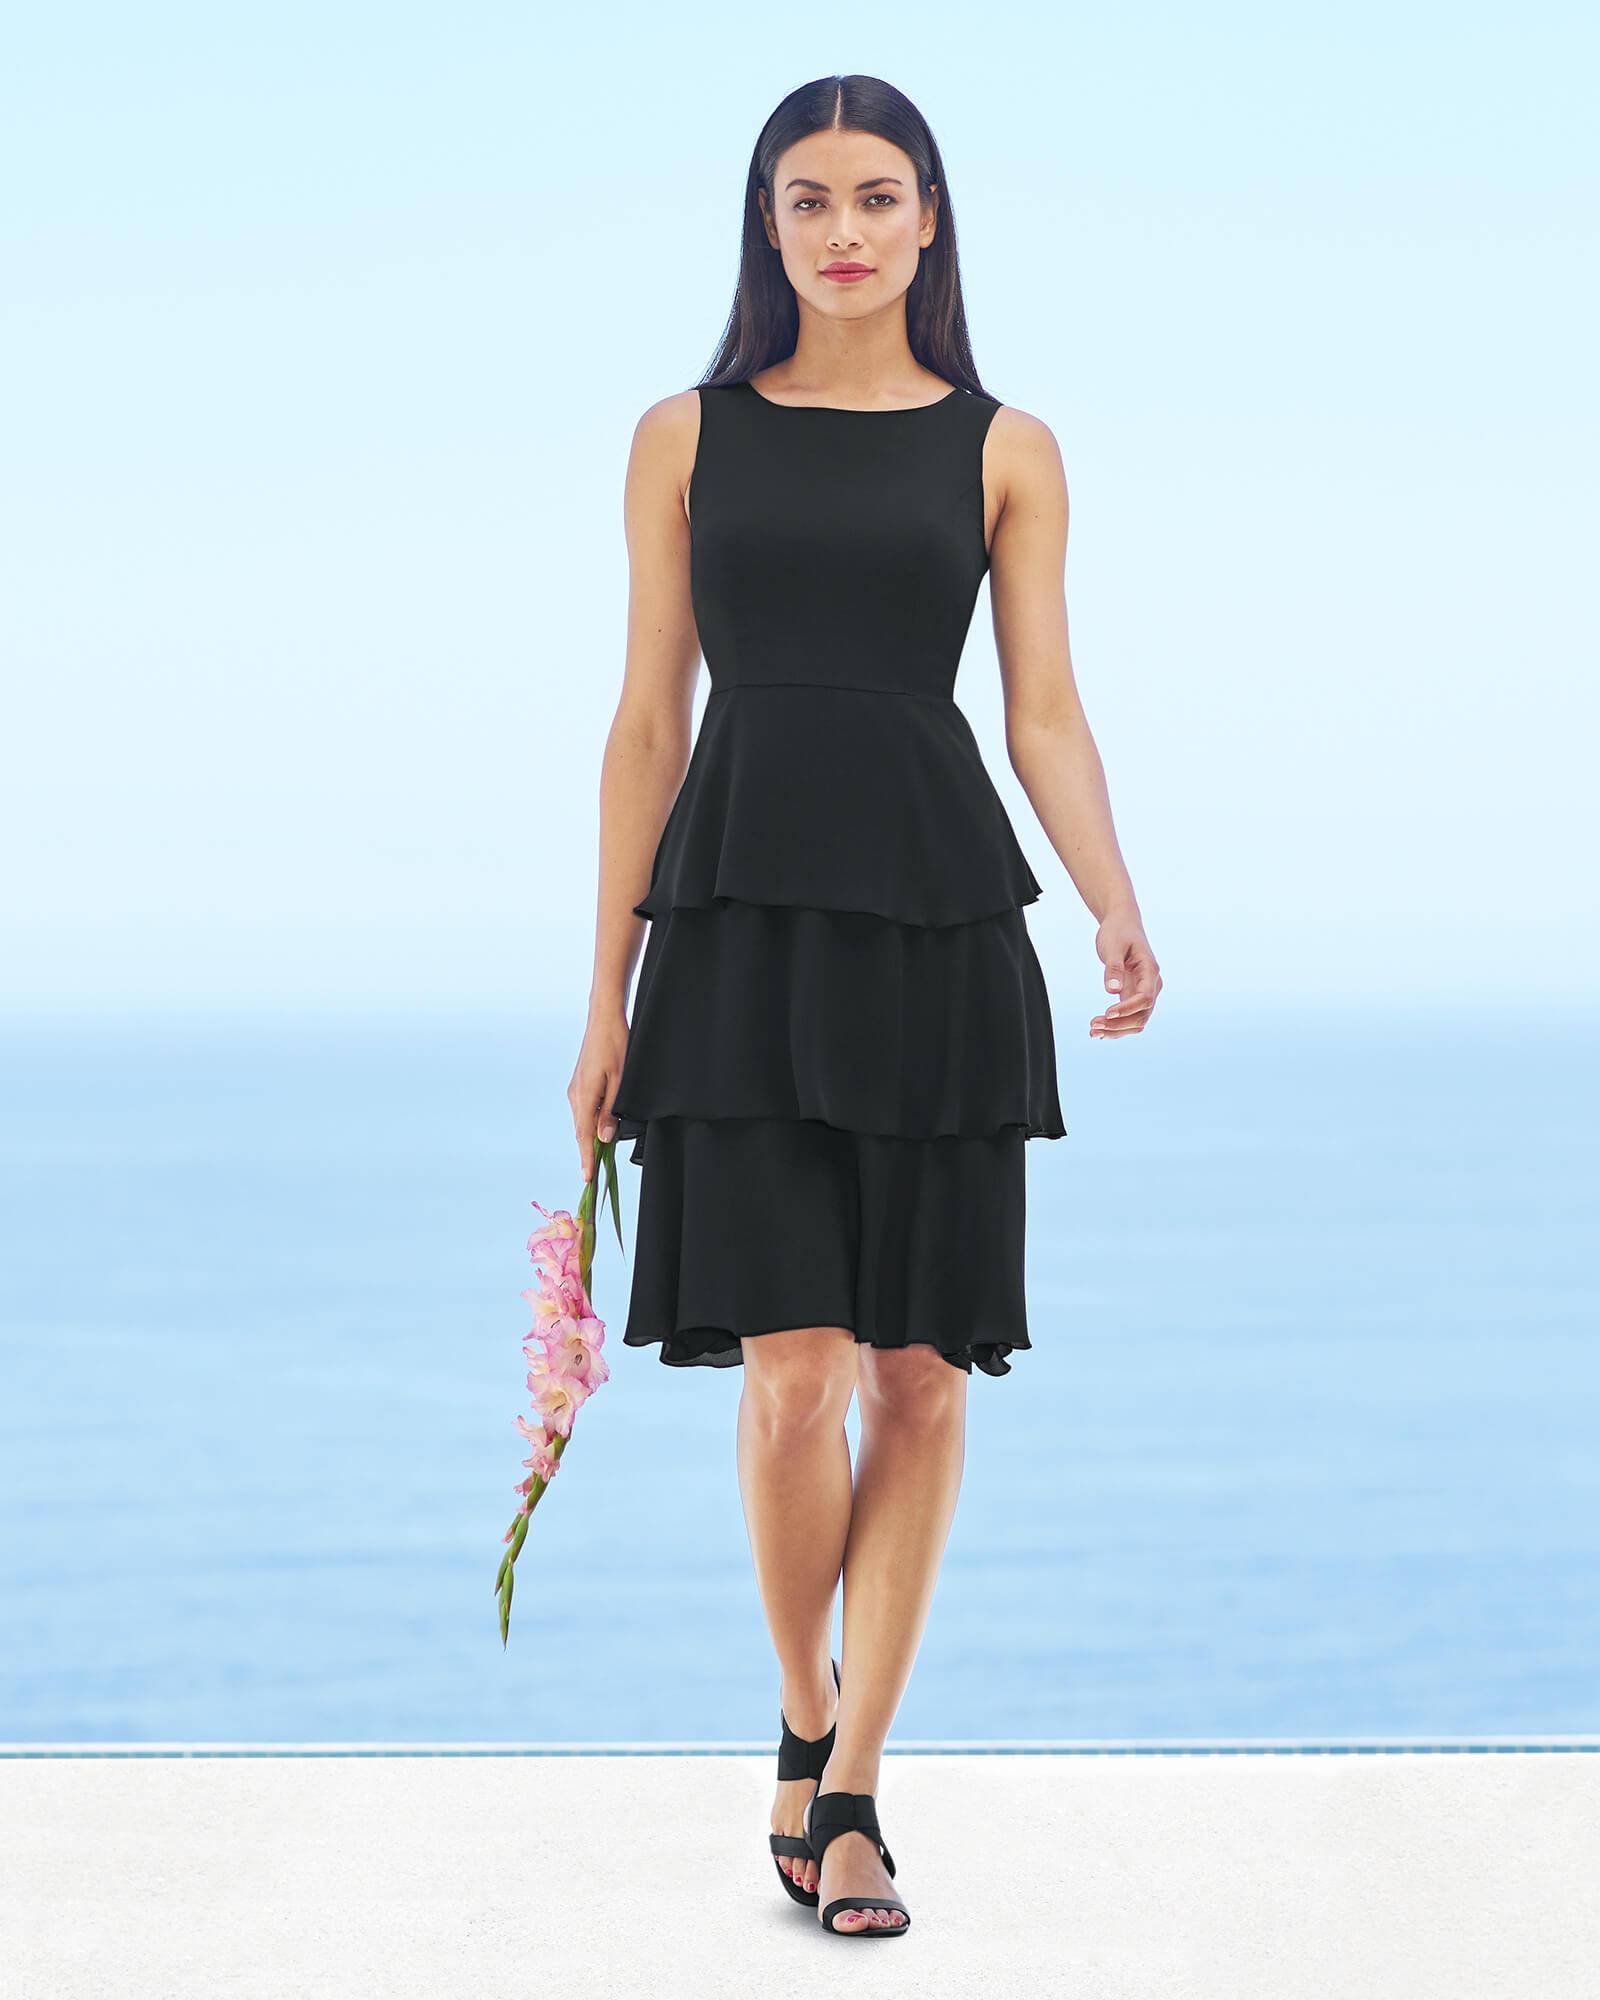 Kurzes schwarzes Kleid mit Volants